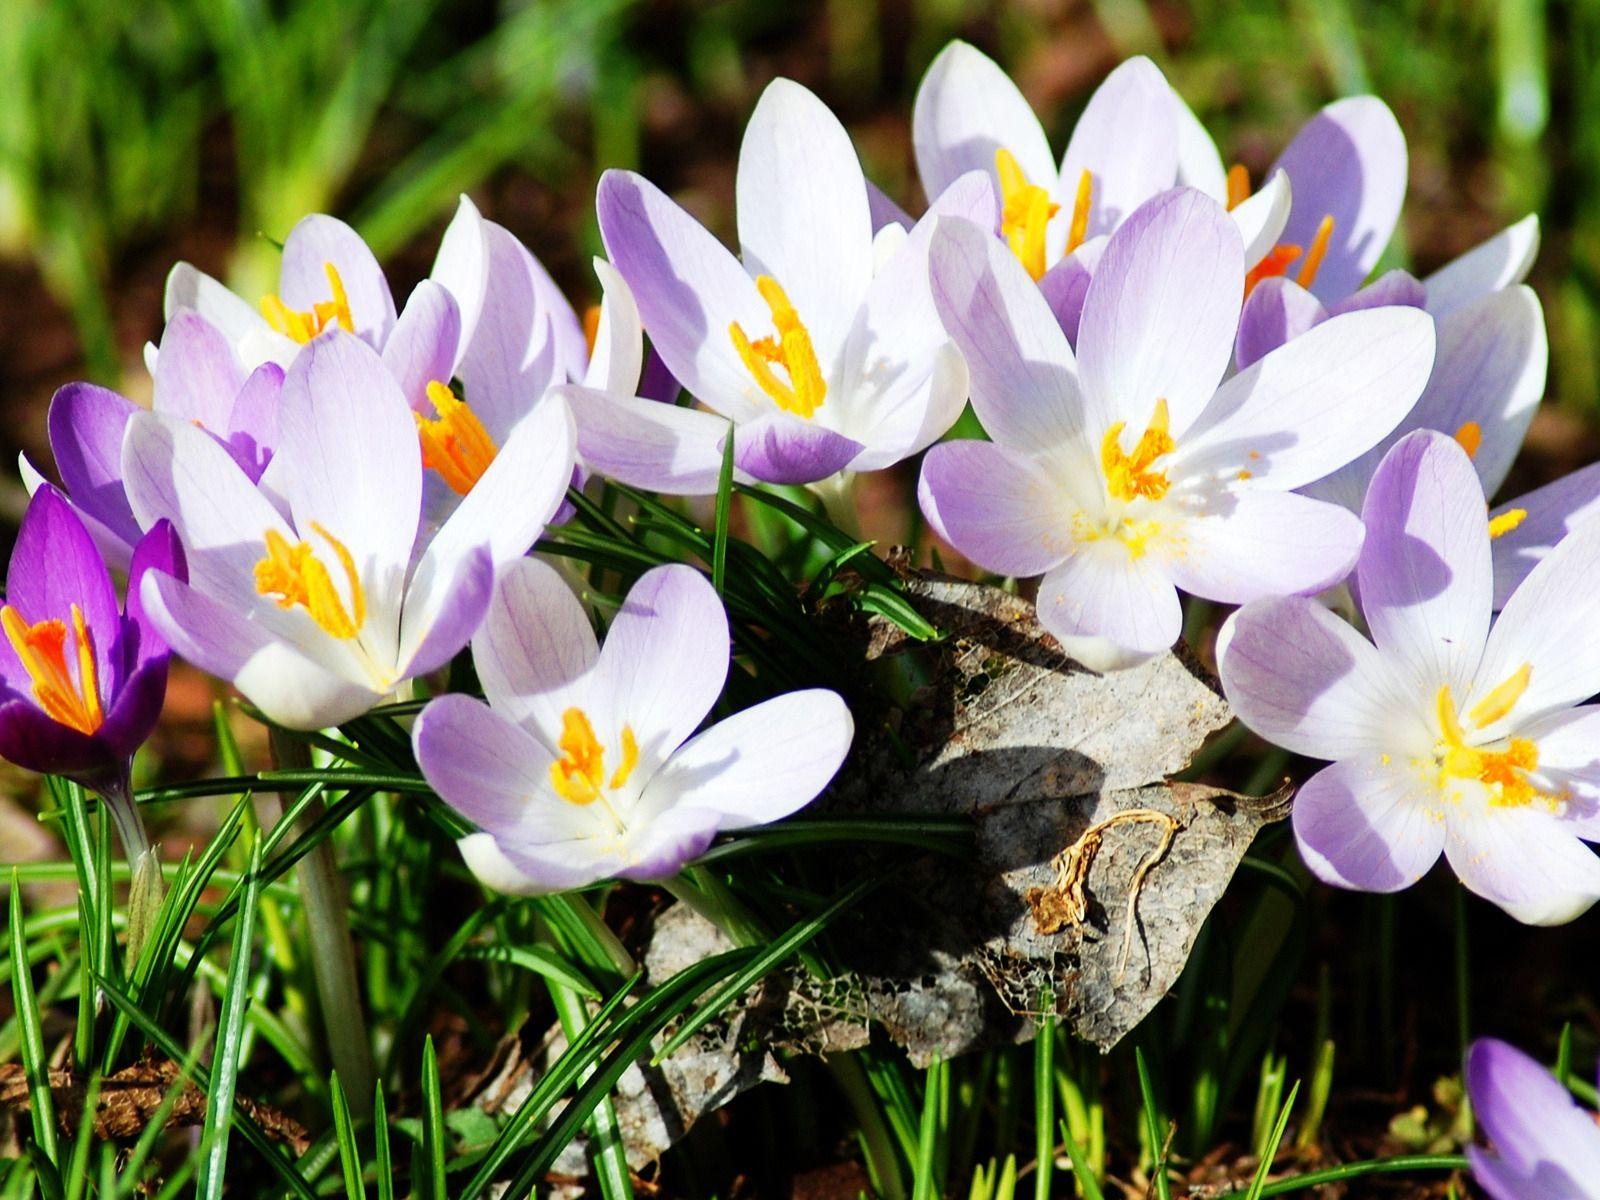 Banco de imagenes gratis 12 fotos de flores preciosas en varios colores para compartir - Fotos flores preciosas ...